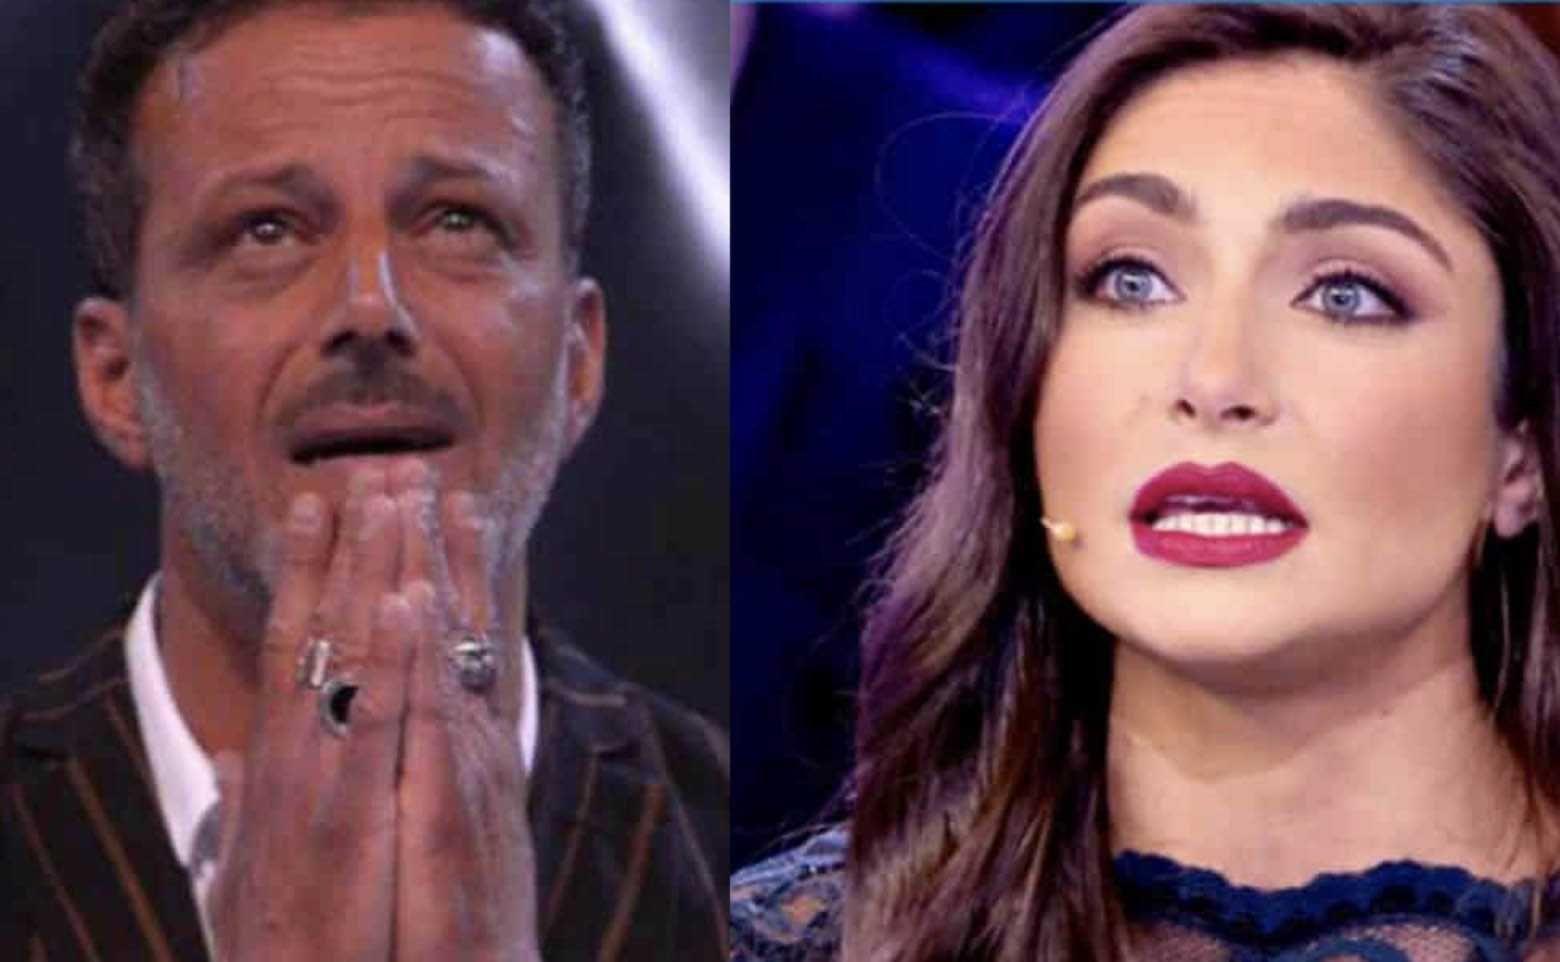 Brutte notizie per la coppia! Kikò Nalli e Ambra Lombardo... lei a confessare tutto